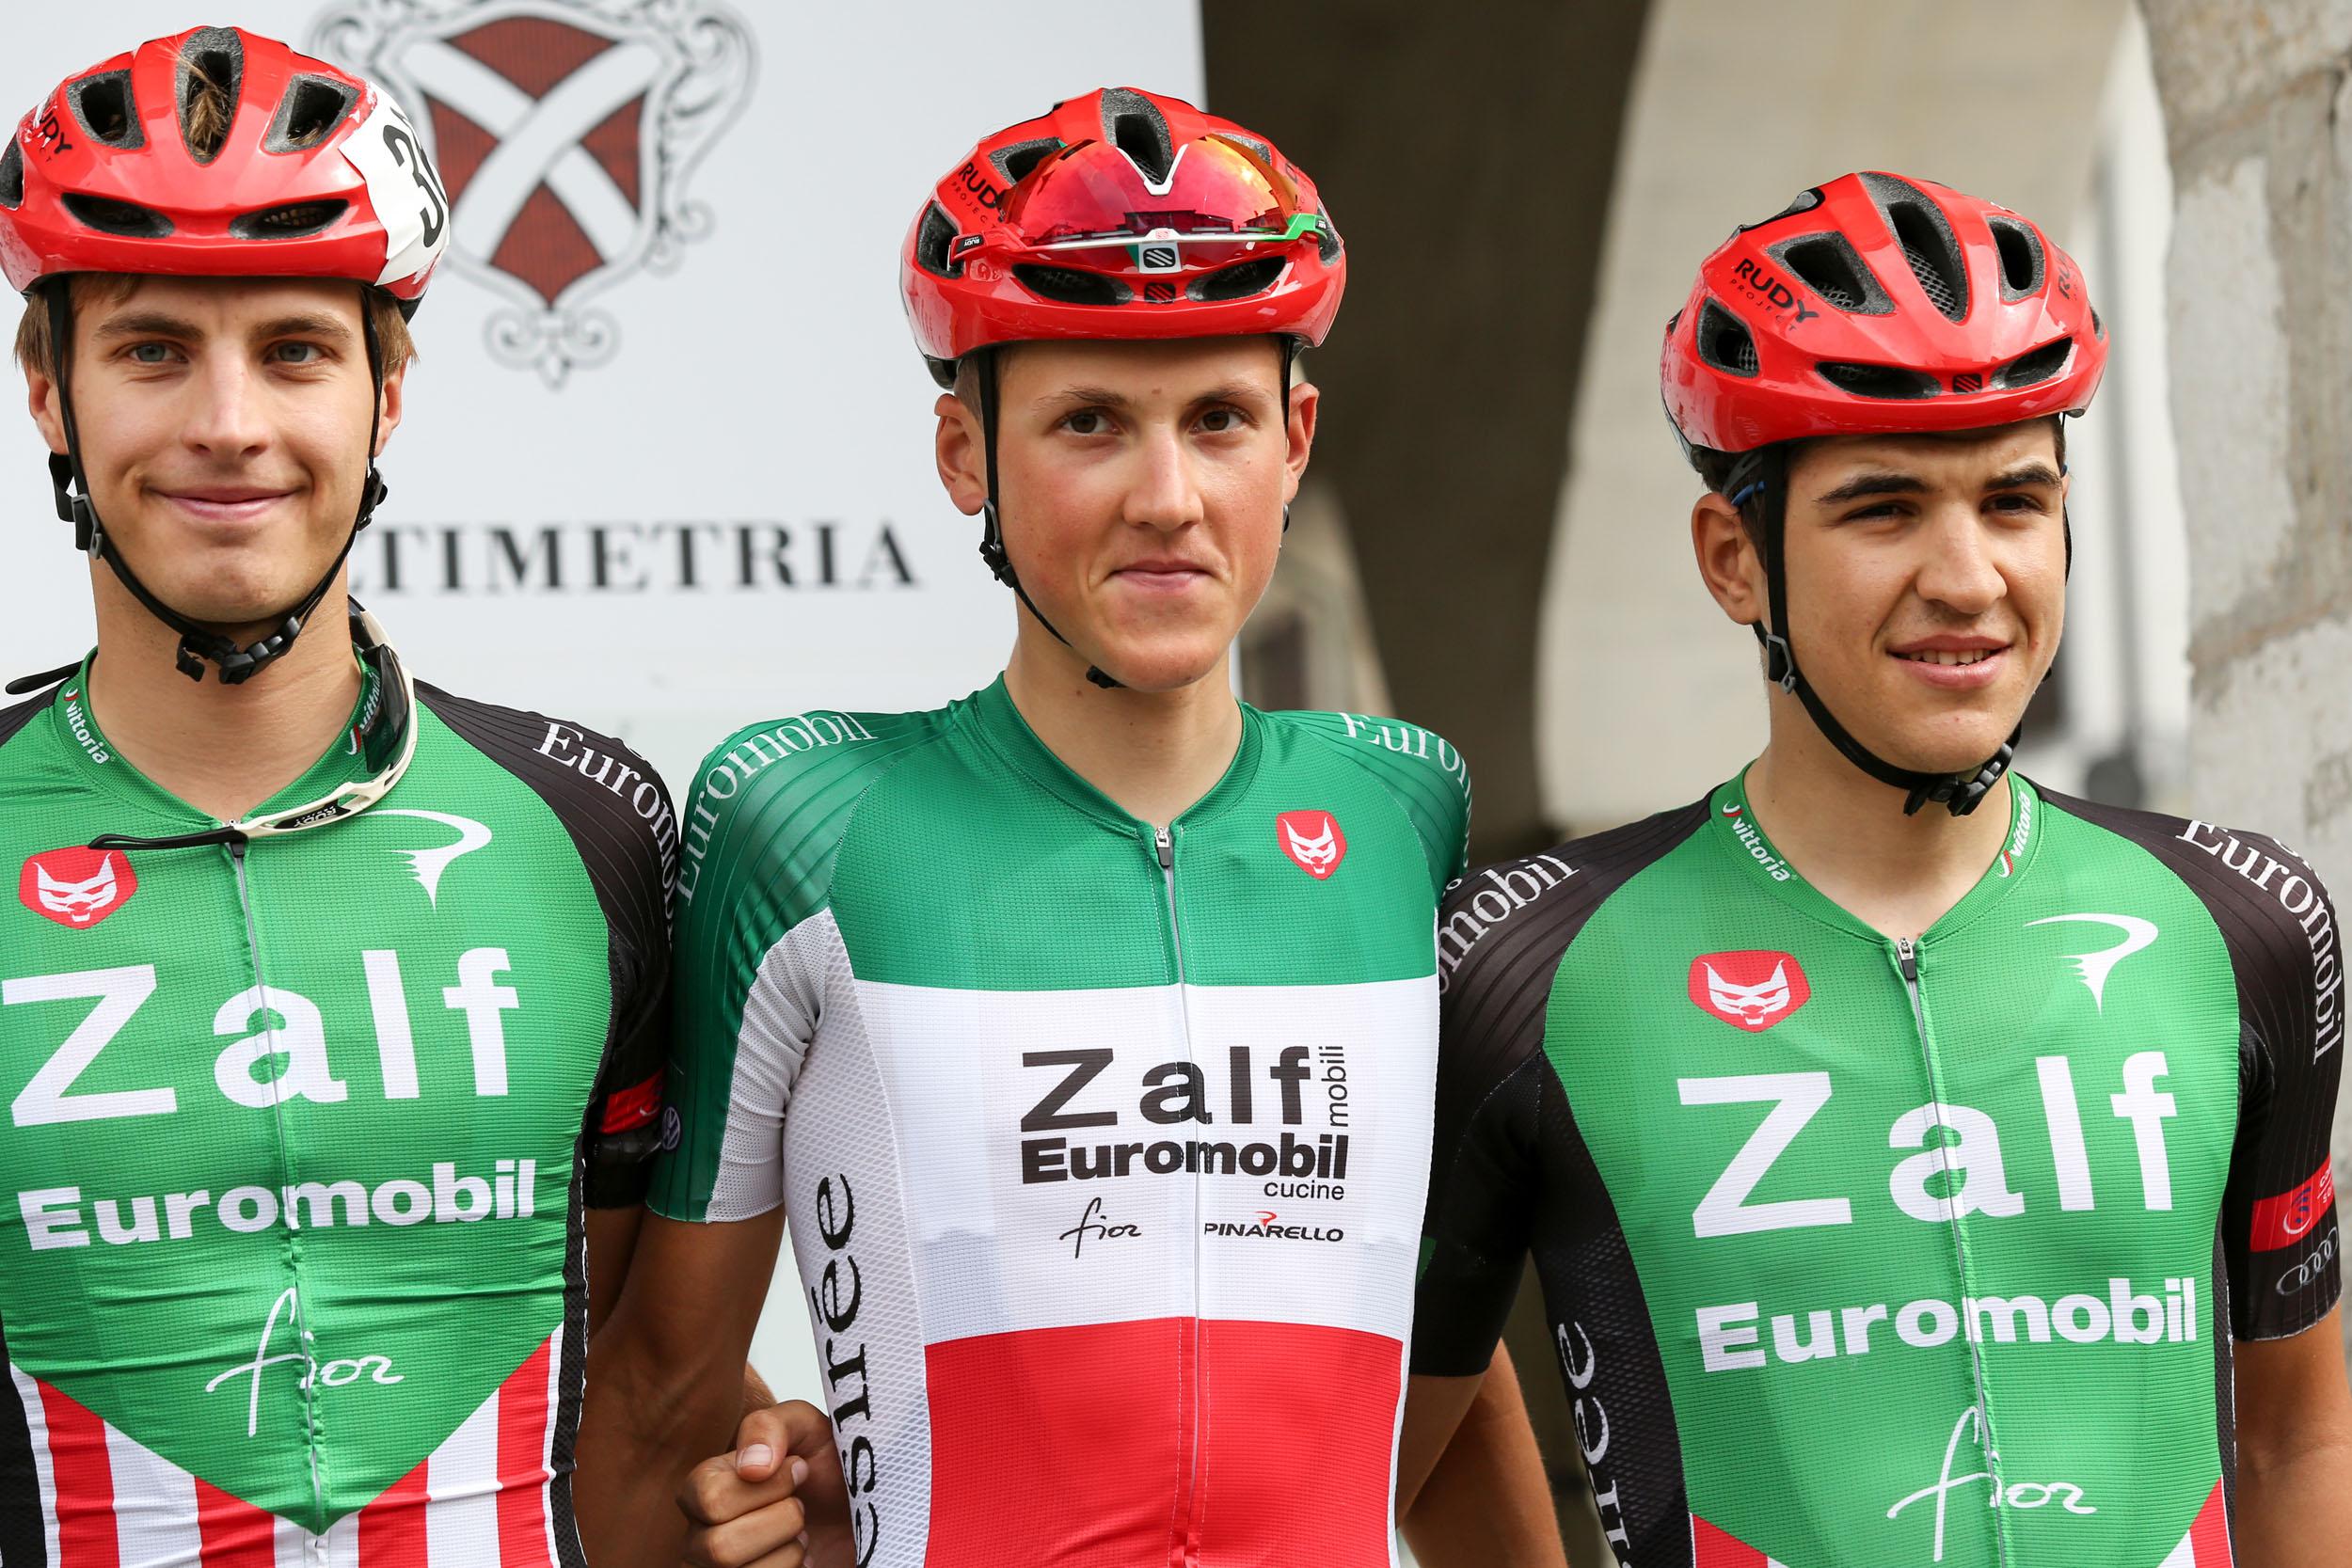 Il Campione Italiano Marco Frigo